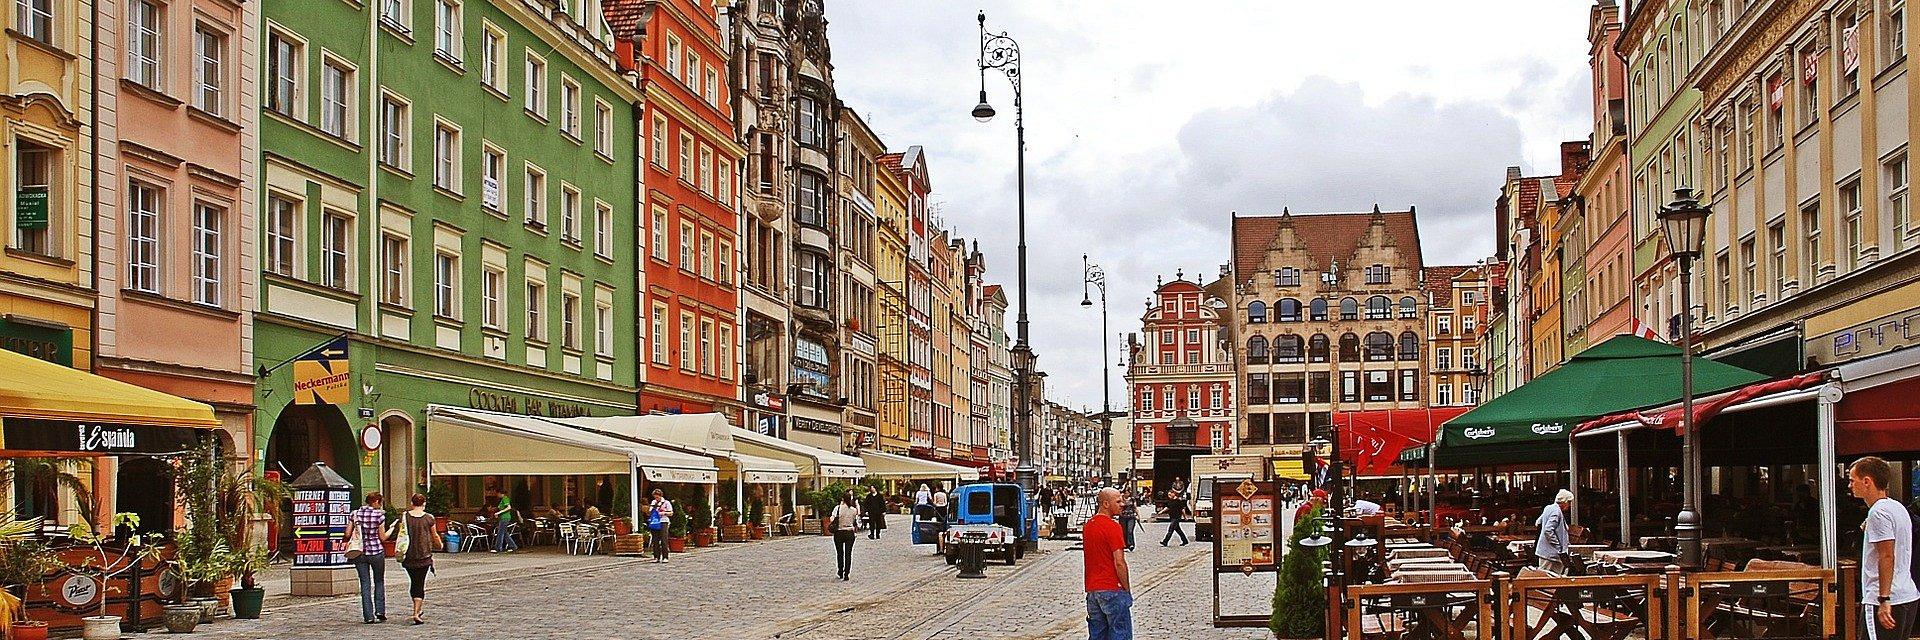 Nowa emisja DAB+ we Wrocławiu. BCAST uruchamia testowy multipleks i rozwija kolejne usługi